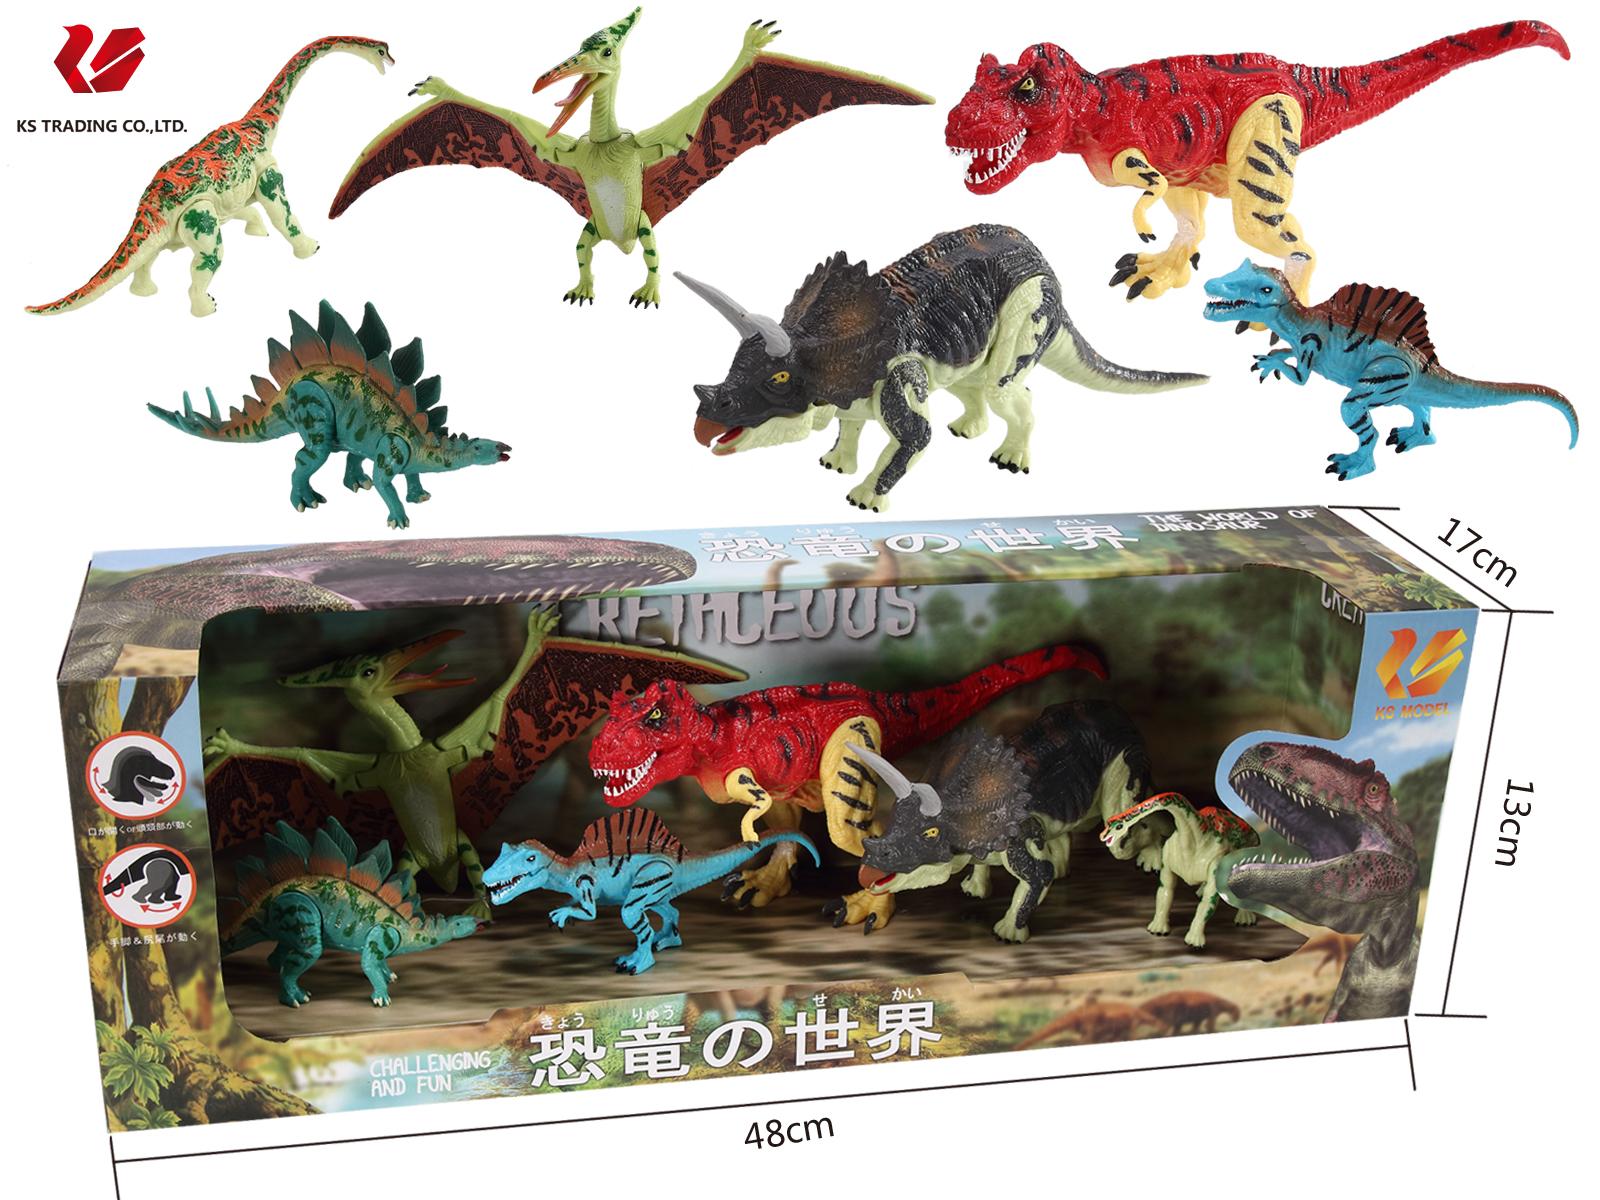 プレゼントに大人気!リアルで満足間違いなし!恐竜フィギア 6体セットX'masプレゼントや誕生日プレゼントに大人気! 恐竜おもちゃ 恐竜 フィギュア DINOSAUR MODEL ダイナソーモデル 本格的なリアルフィギュア【 フィギア ソフビ ソフトビニール 人形 模型 おもちゃ 玩具 】 可動できる恐竜おもちゃ 可動できる恐竜フィギュア 恐竜の世界セットD